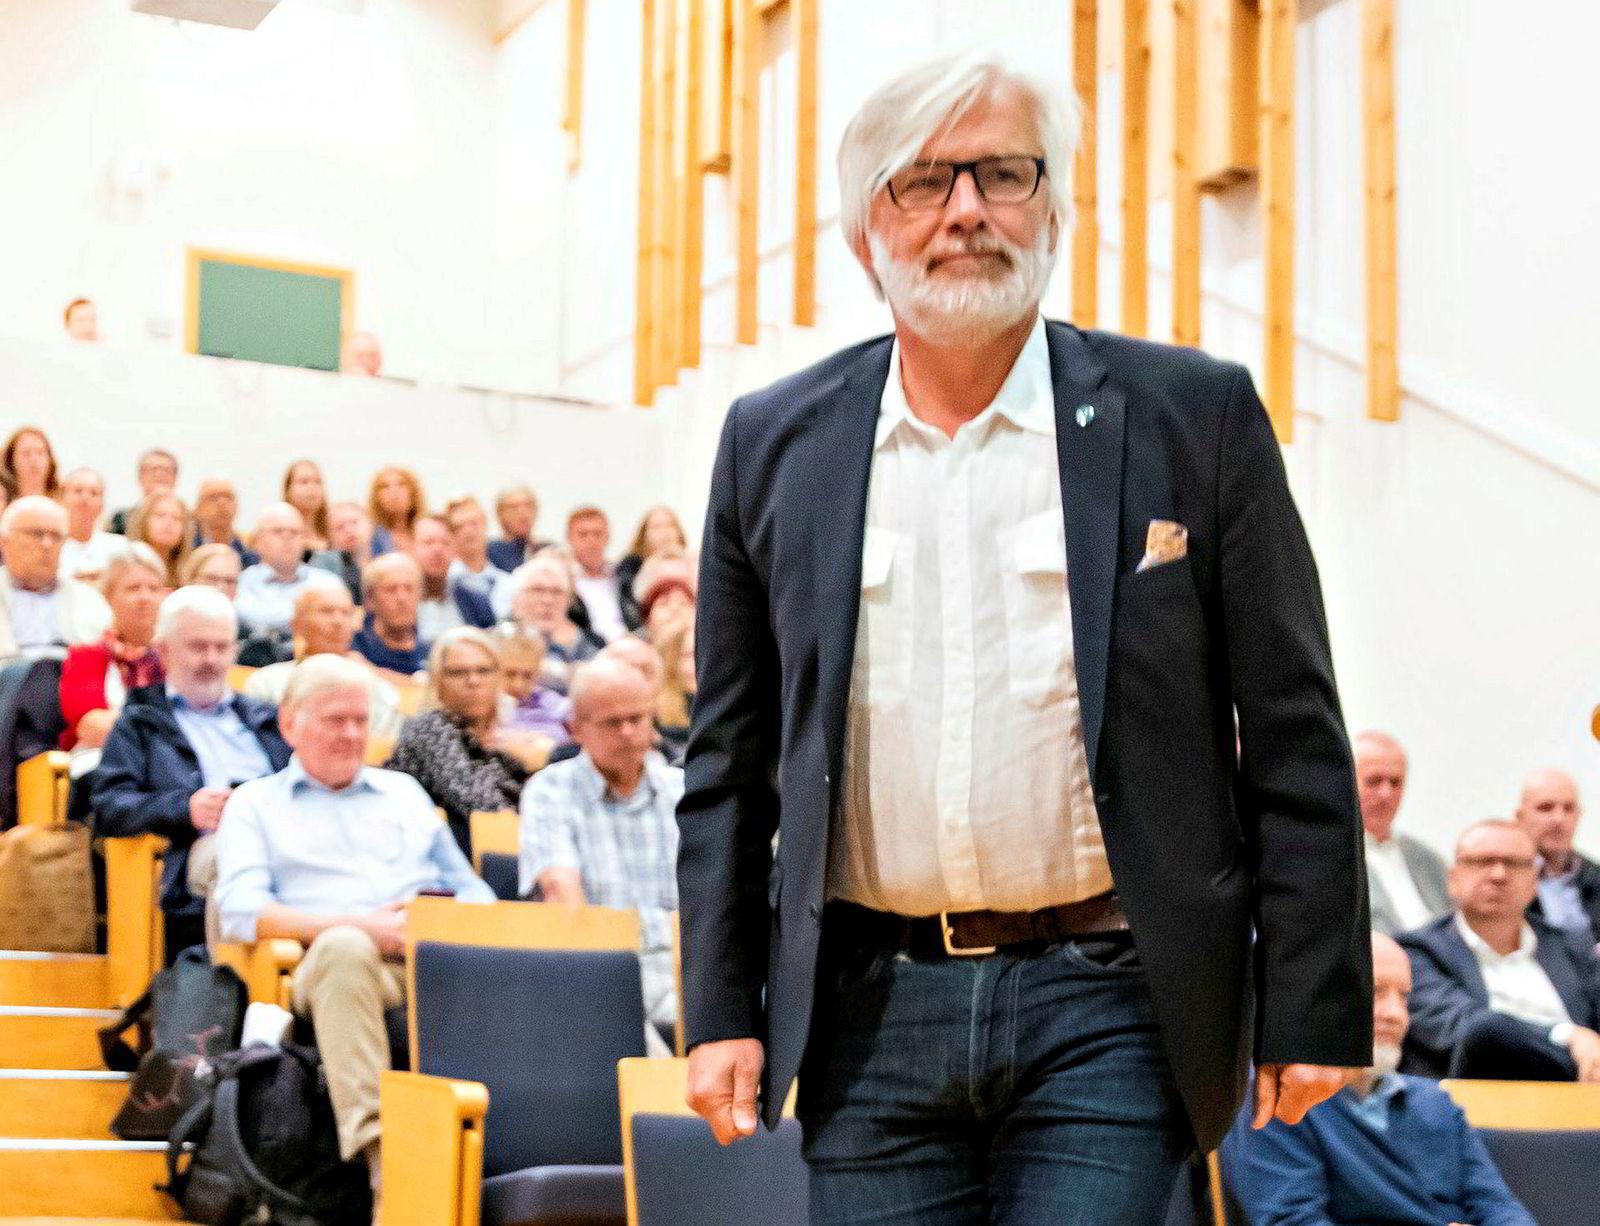 Venstre-politiker Jon Gunnes under togdebatten på biblioteket i Arendal under Arendalsuka i 2019.